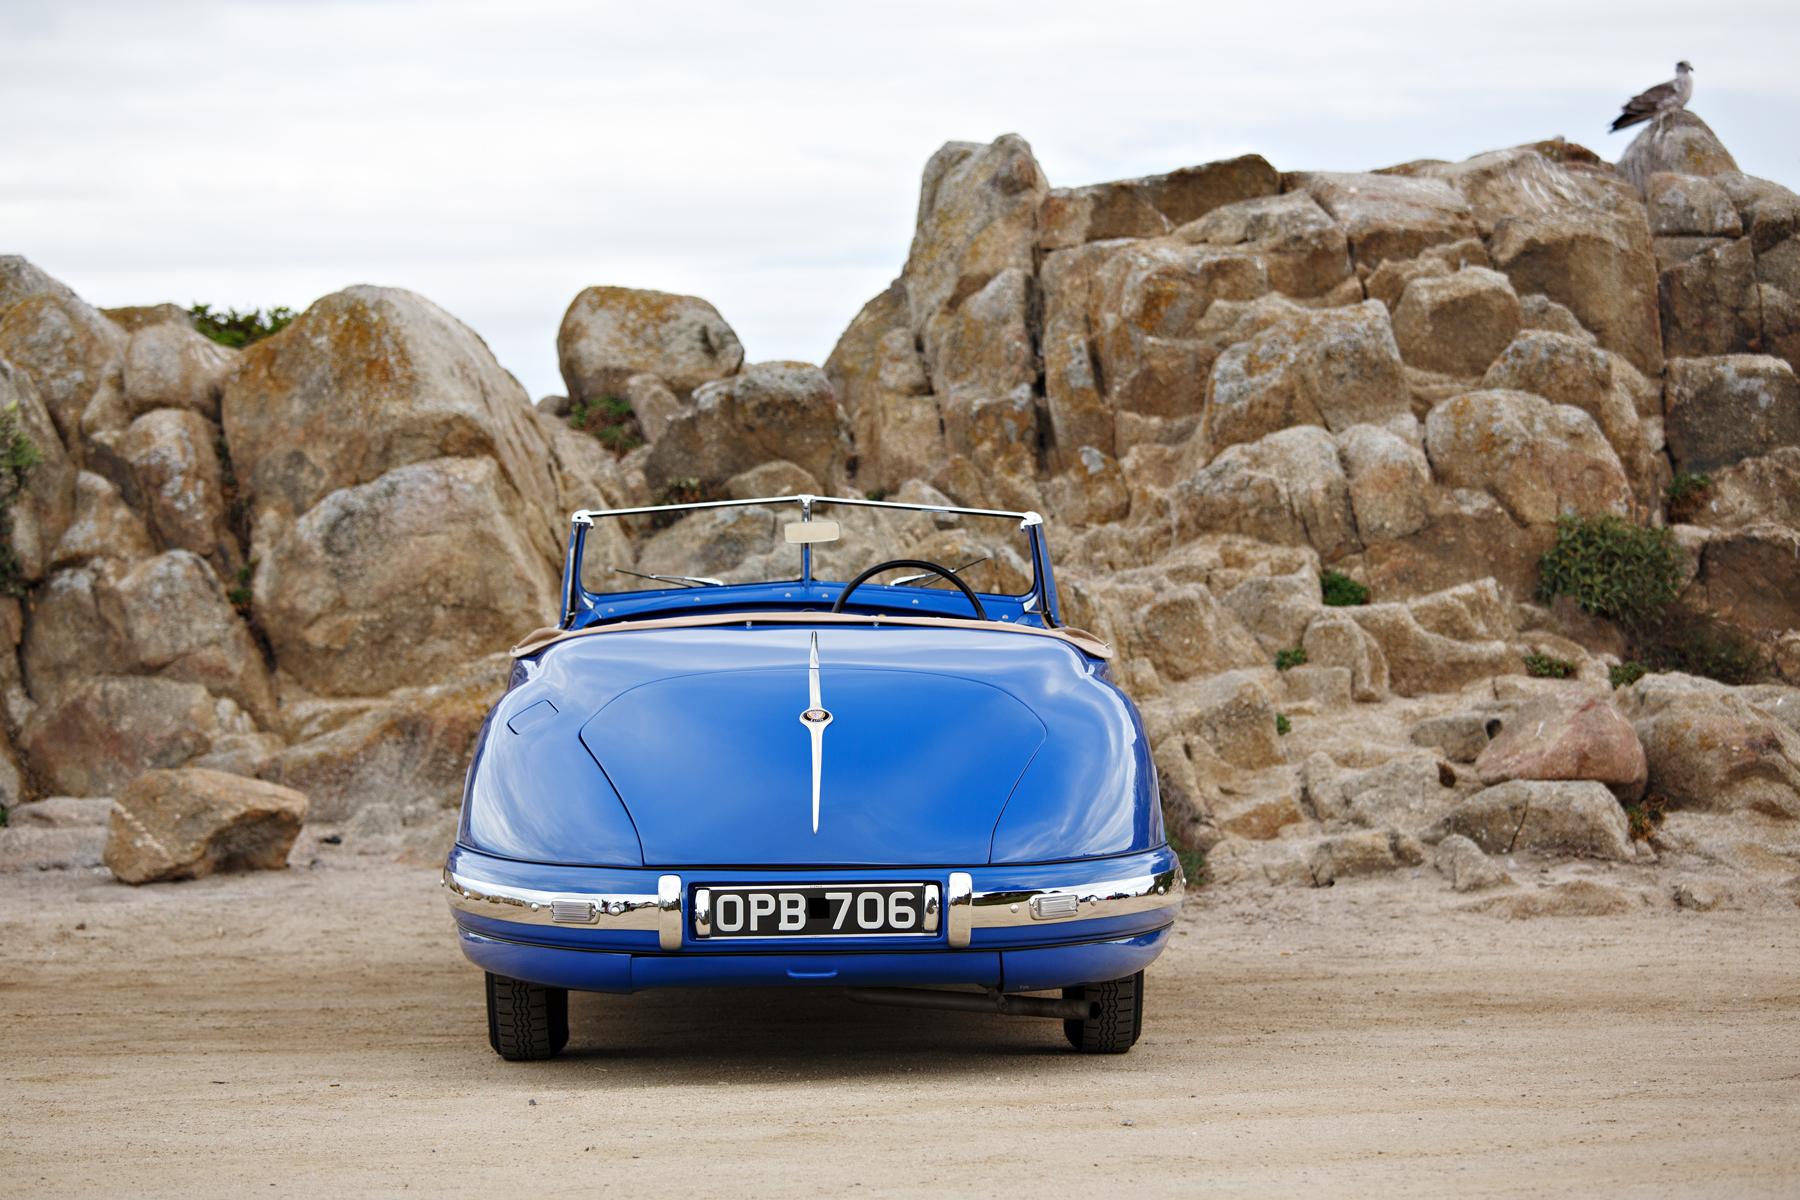 1949 Bristol 402 Cabriolet rear